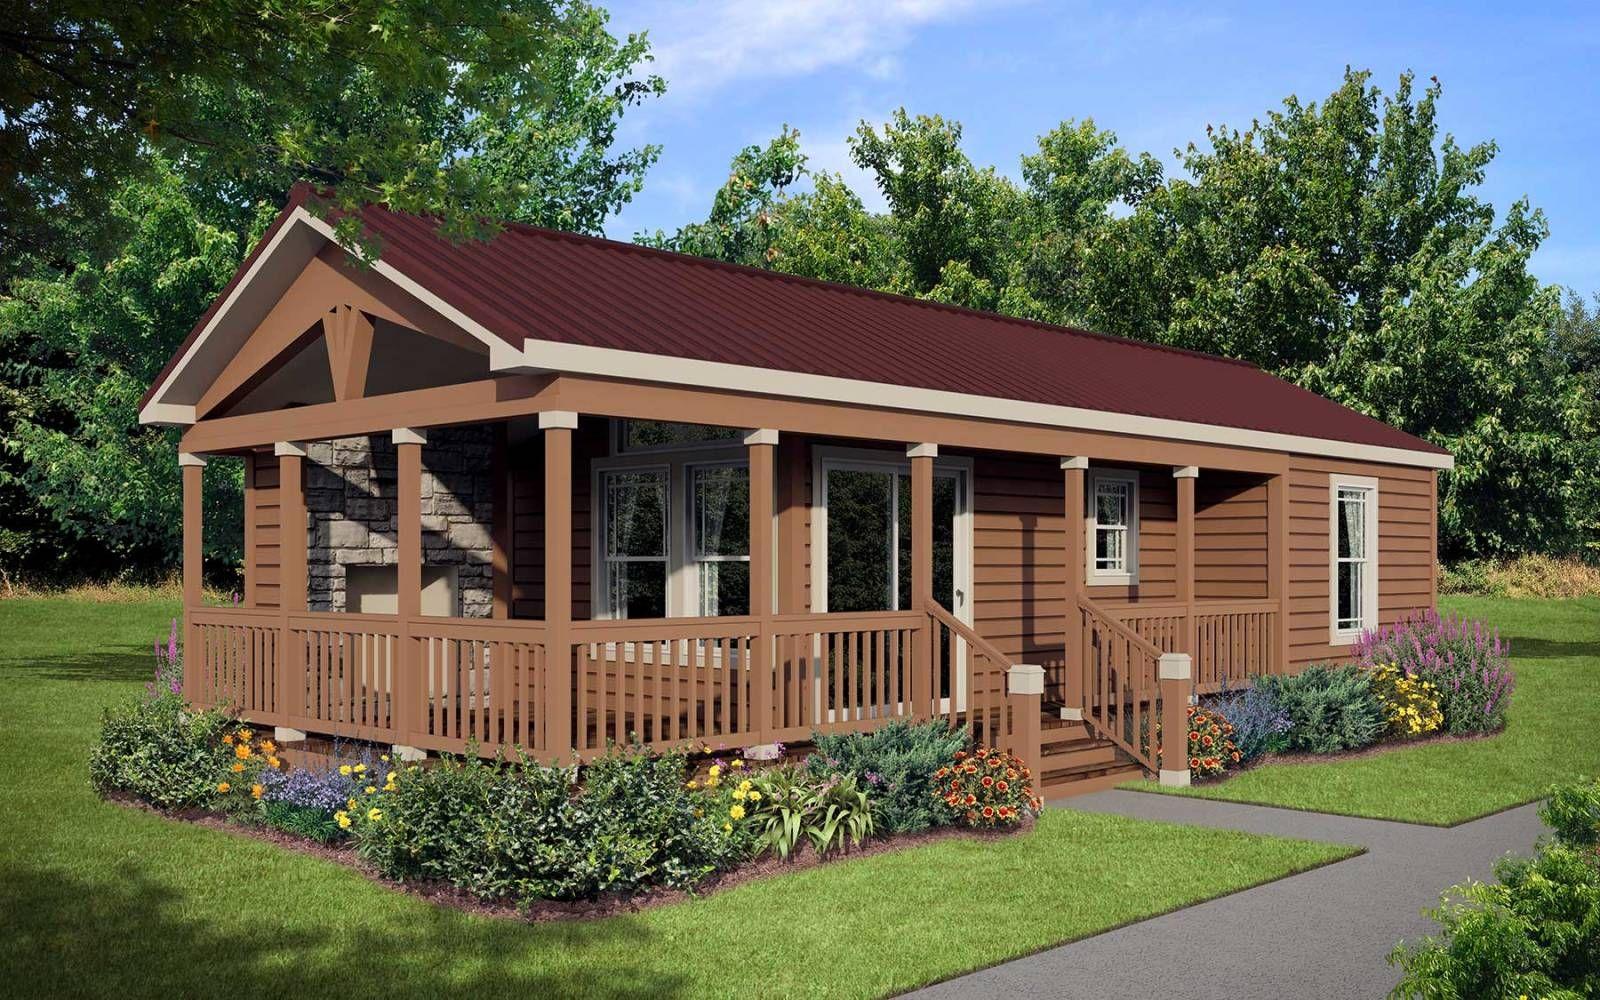 Mountain Park 516 - Athens Park Model RVs | Athens Park